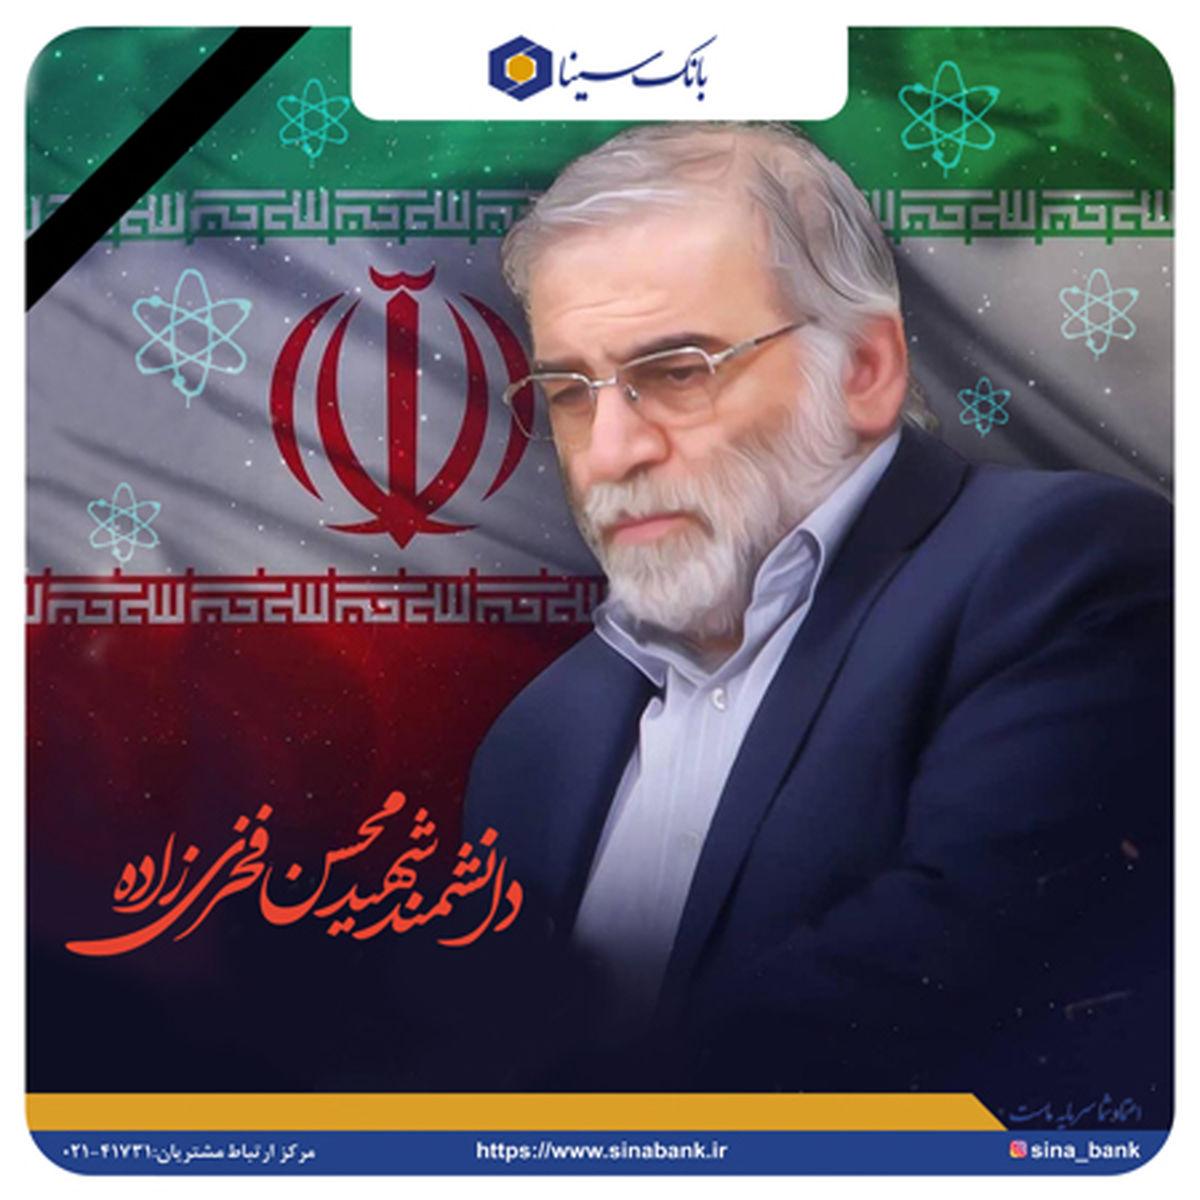 پیام تسلیت مدیرعامل بانک سینا به مناسبت شهادت دکتر محسن فخری زاده